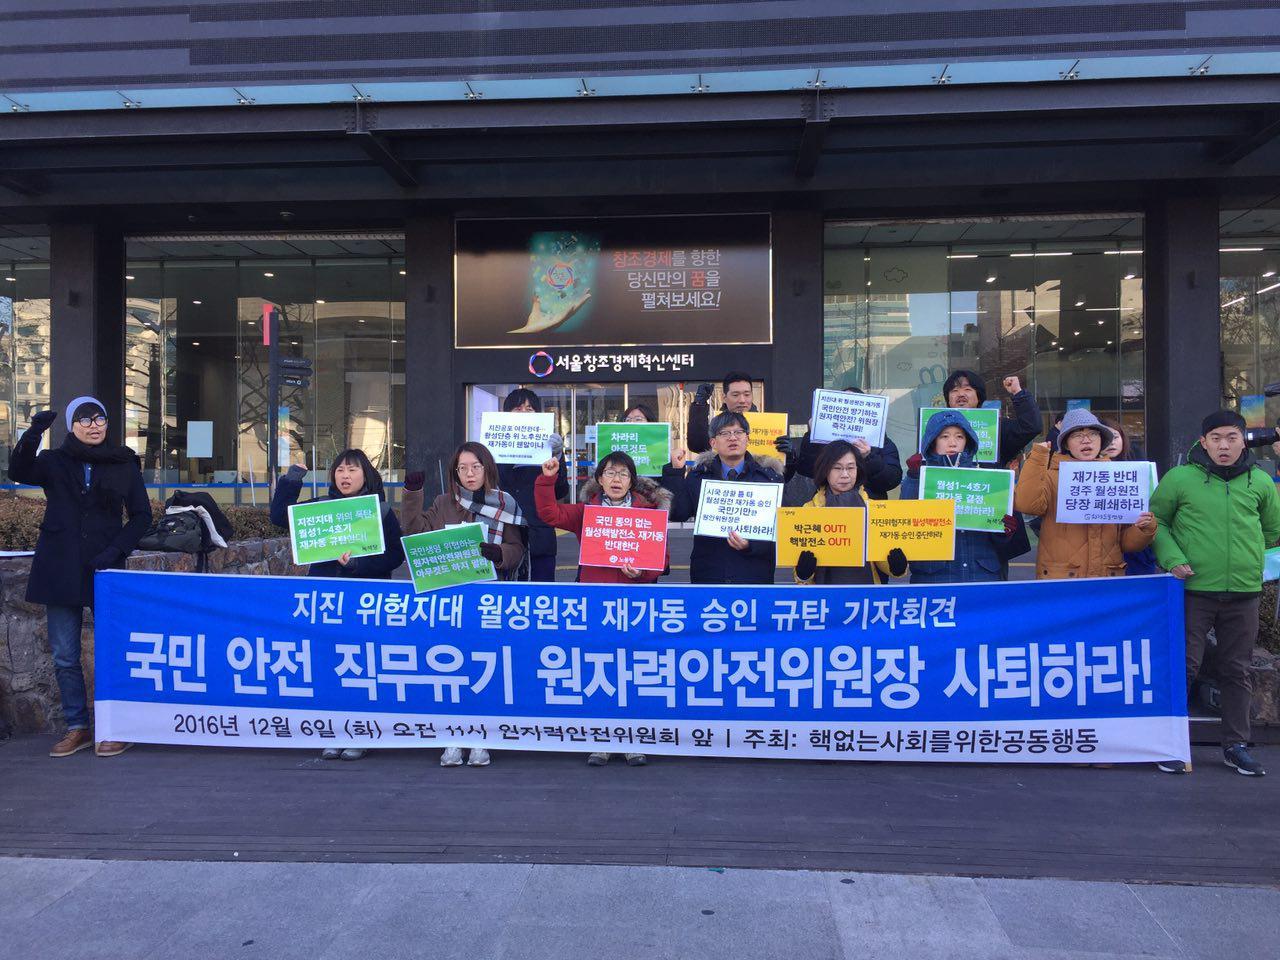 지진 위험지대 월성원전 재가동 승인 철회하라-기자회견 사진- 2016.12.6.